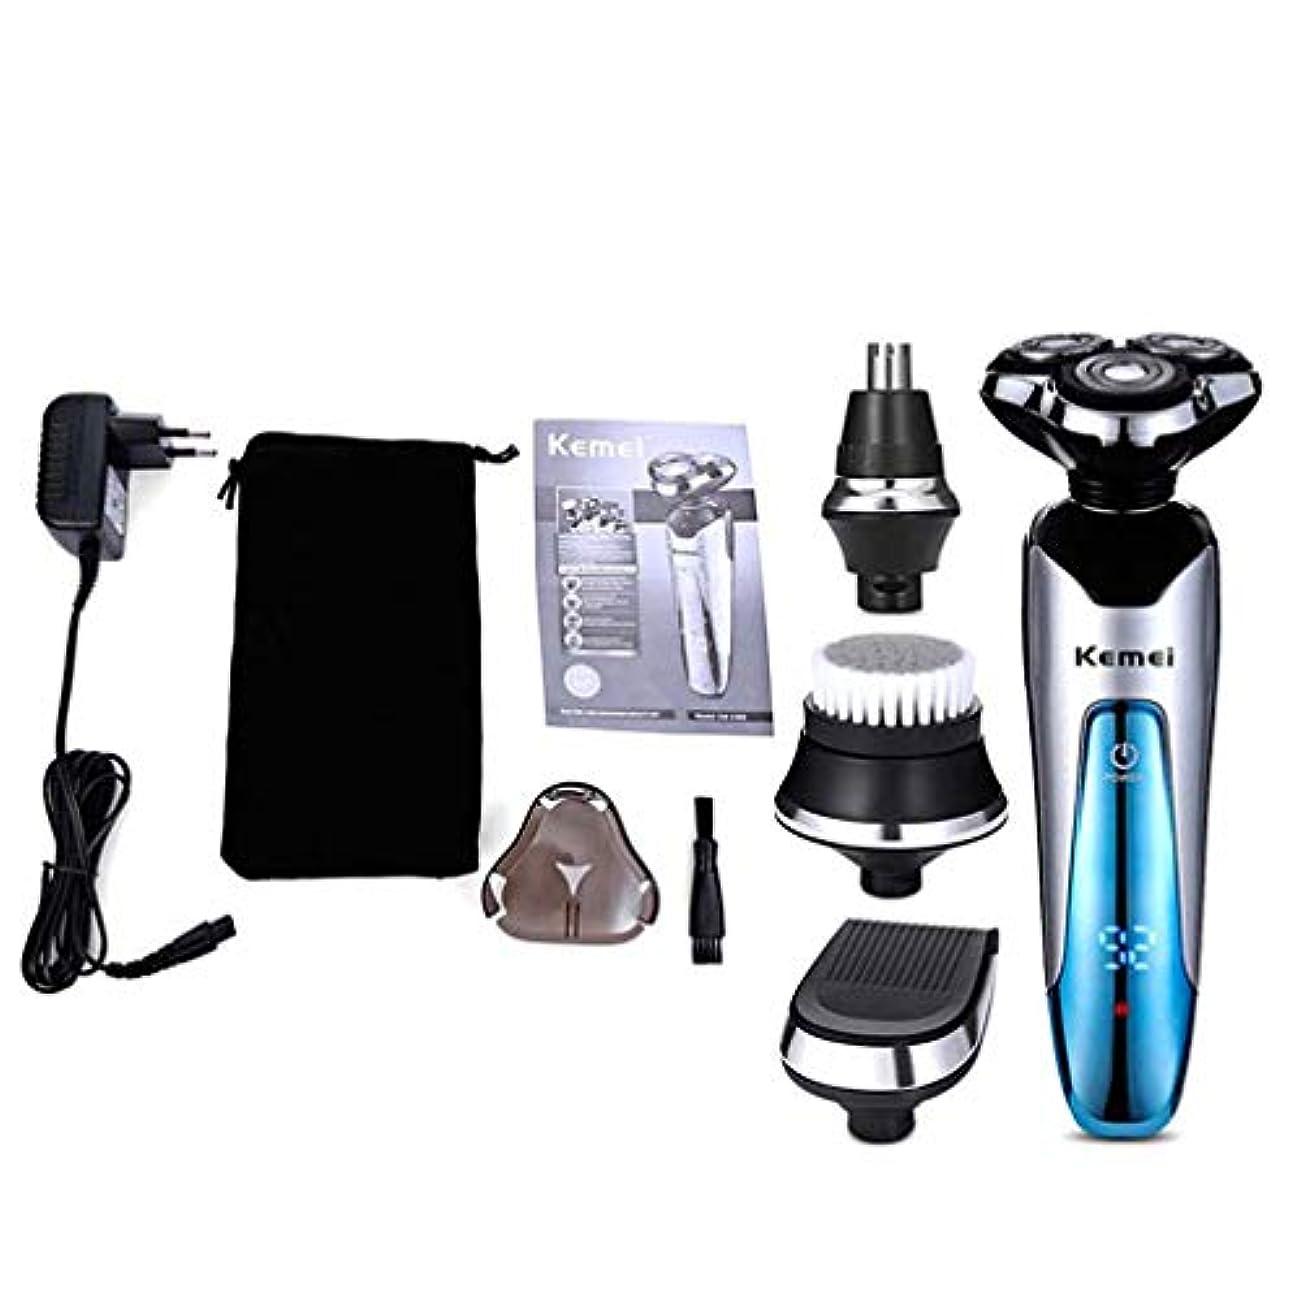 利用可能記憶に残る控えるフルボディ洗える充電式スリーインワン電気シェーバー充電式鼻毛機デジタルカミソリのボディ